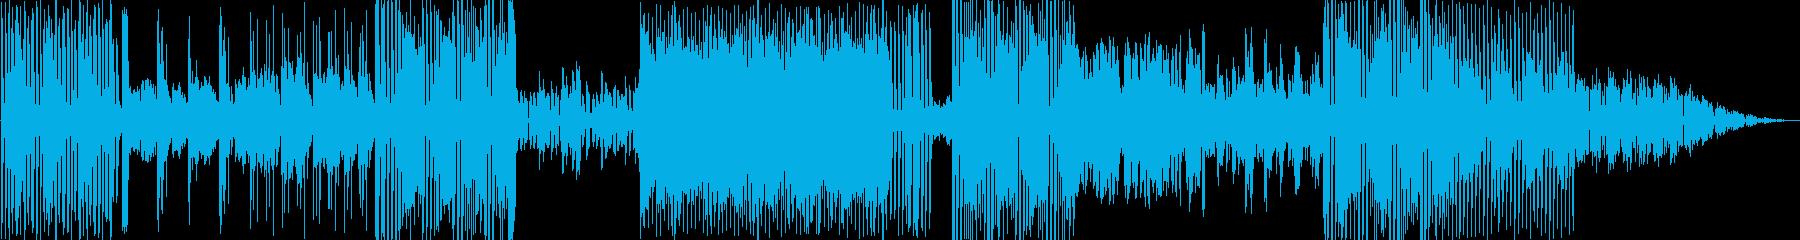 特殊な効果とシンセが緊張した雰囲気...の再生済みの波形